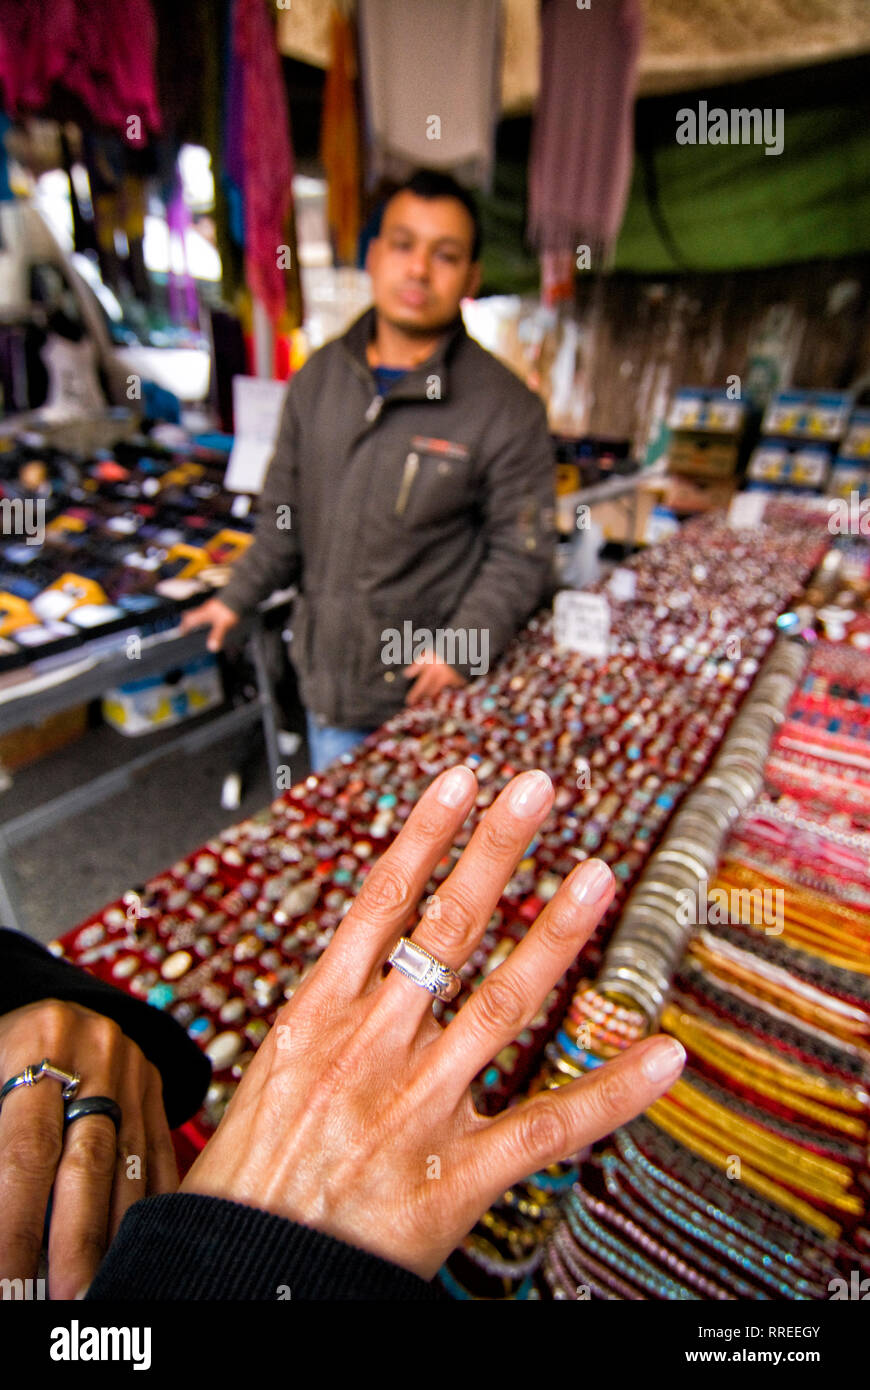 (c) Dirk A. Friedrich Im Stadtteil Trastevere befindet sich der bekannteste Markt Roms Porta Portes. Im Vordergrund eine Frauenhand die einen Ring anp - Stock Image